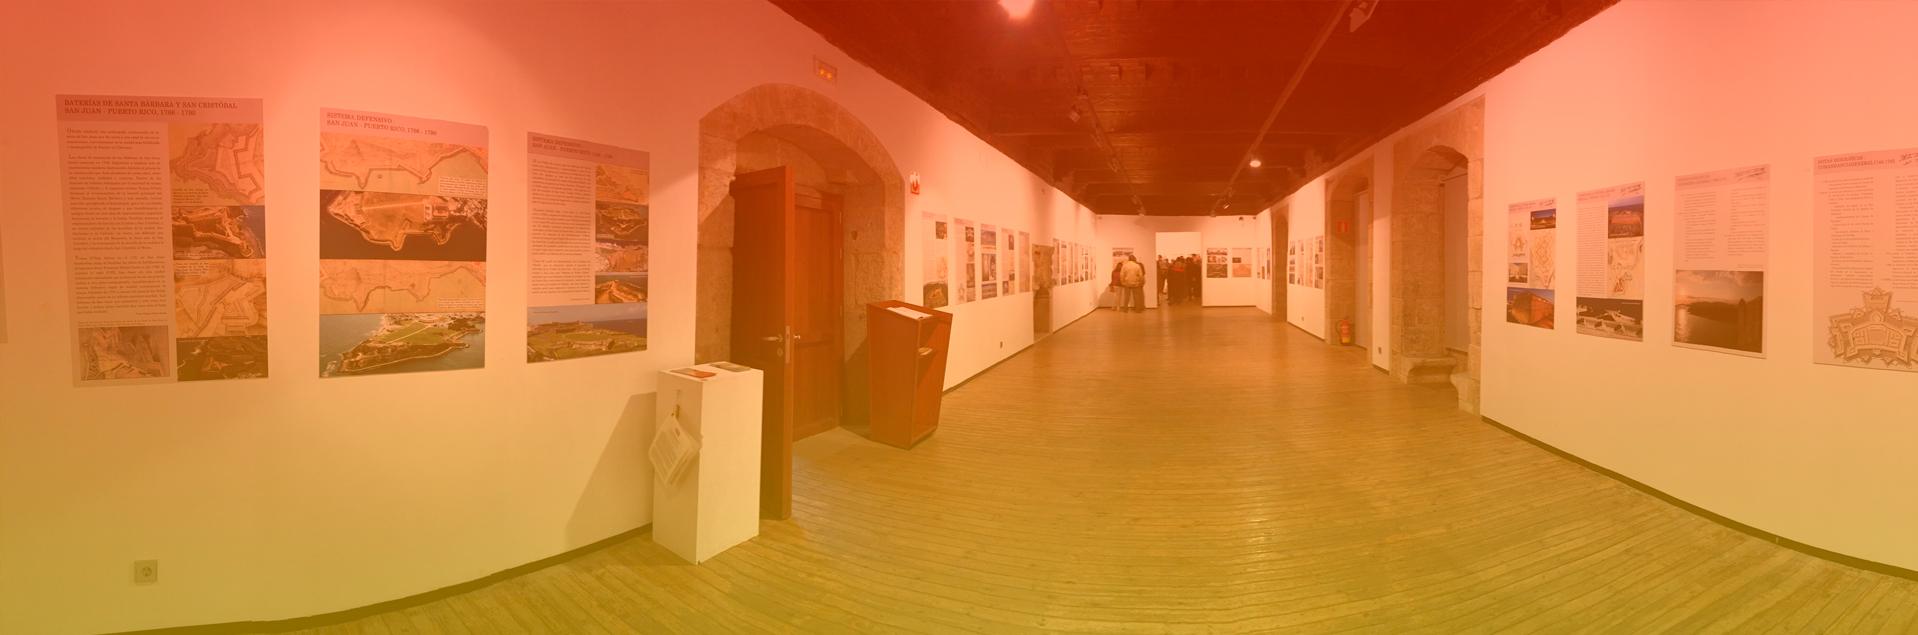 Exposiciones Asociación de Amigos del Castillo de Montjuic